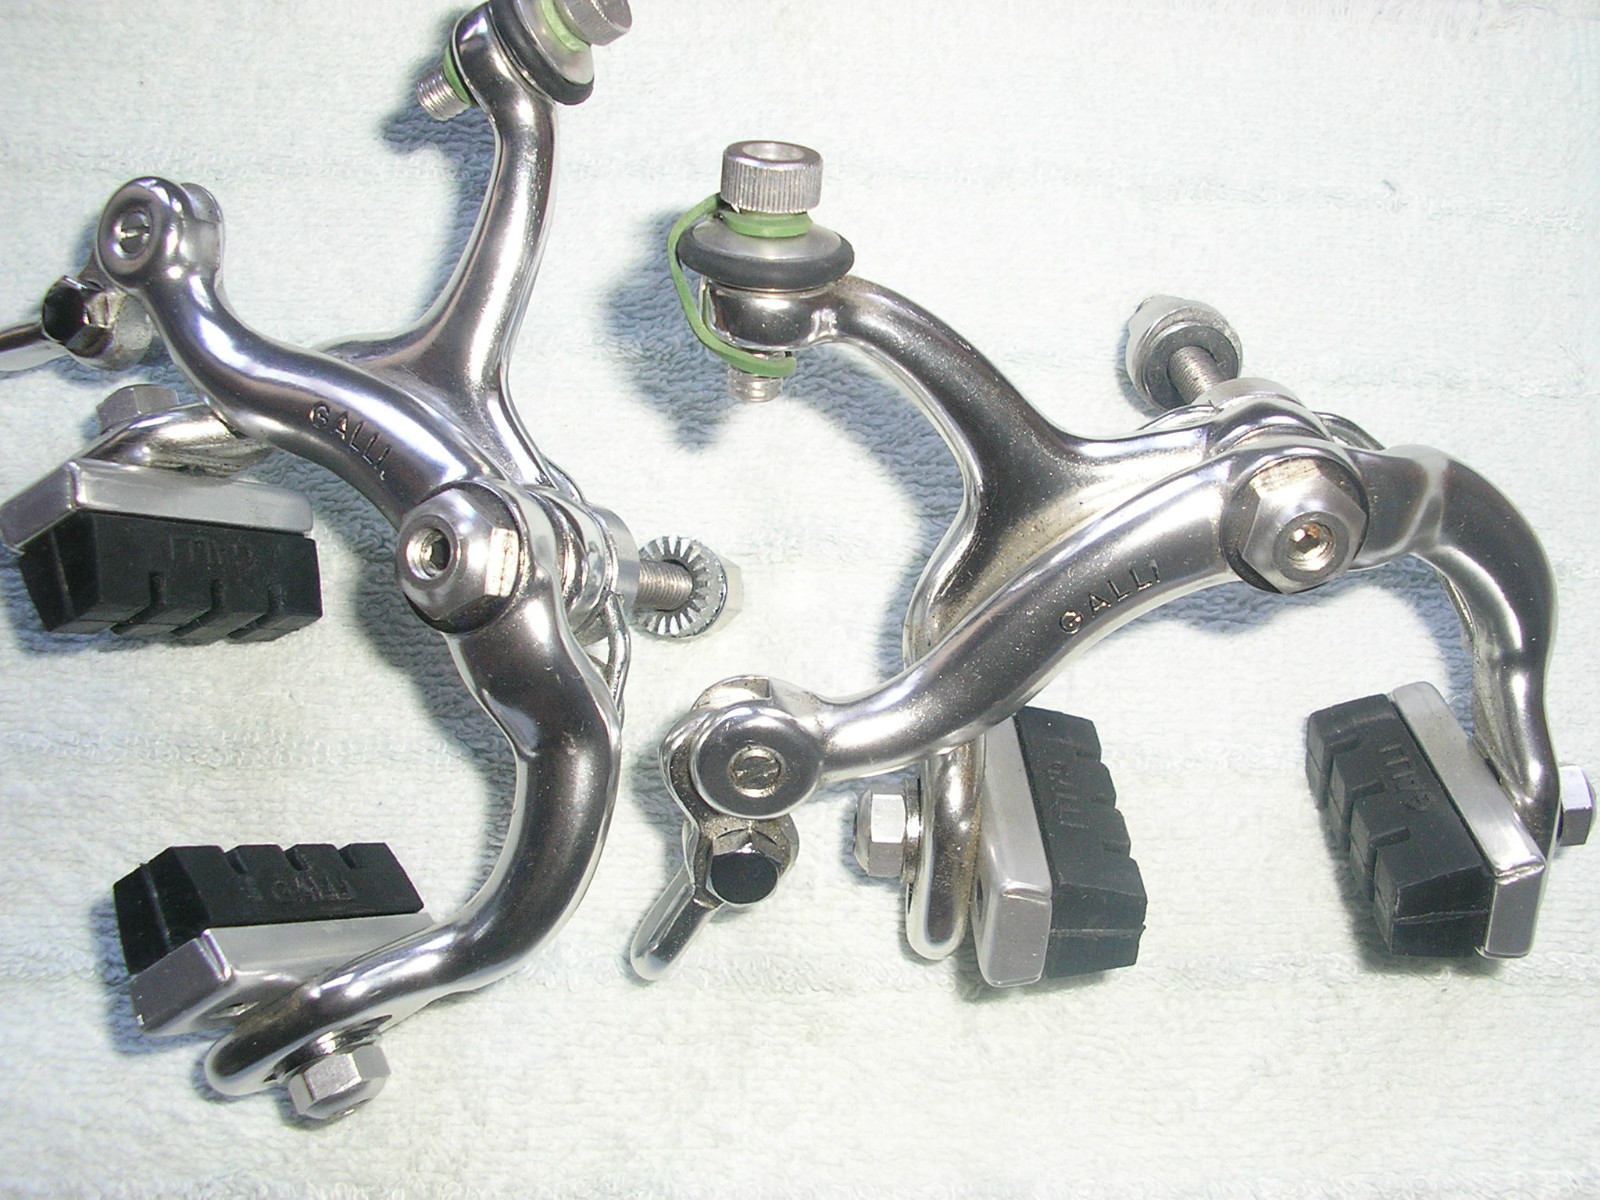 Galli brakeset Super Criterium titanio~panto~ (1).JPG